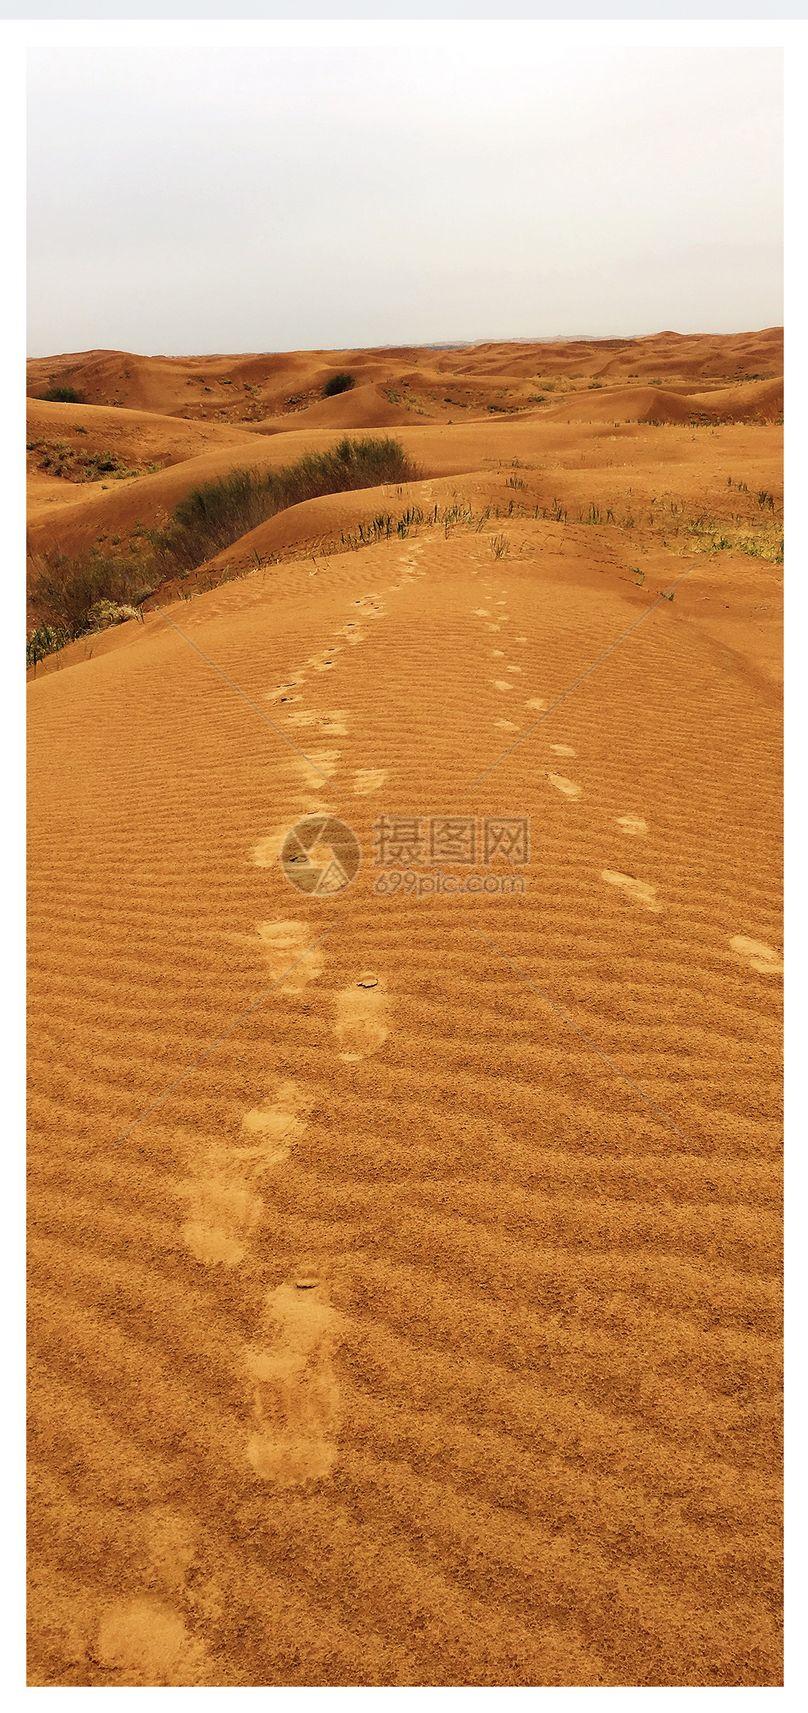 库布齐沙漠手机壁纸图片